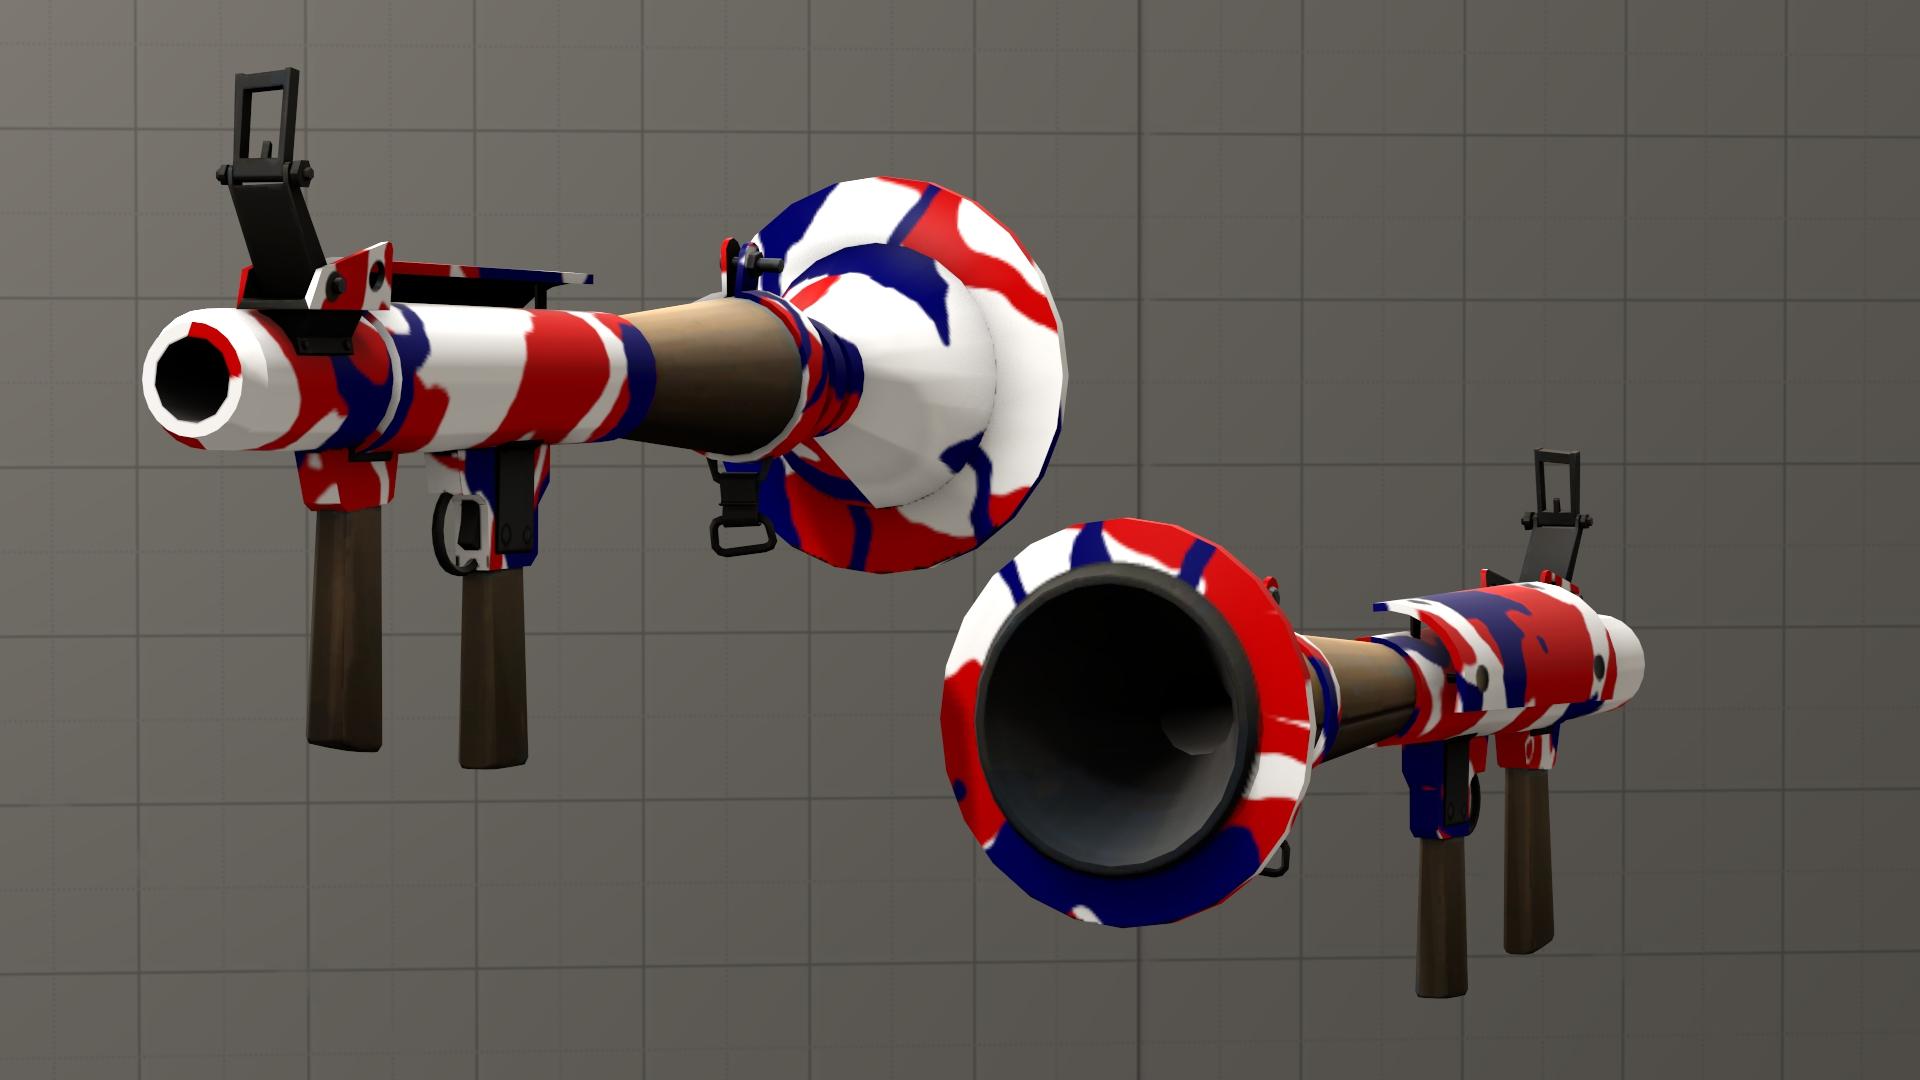 American pride camo Rocket Launcher [DL] by Nikolad92